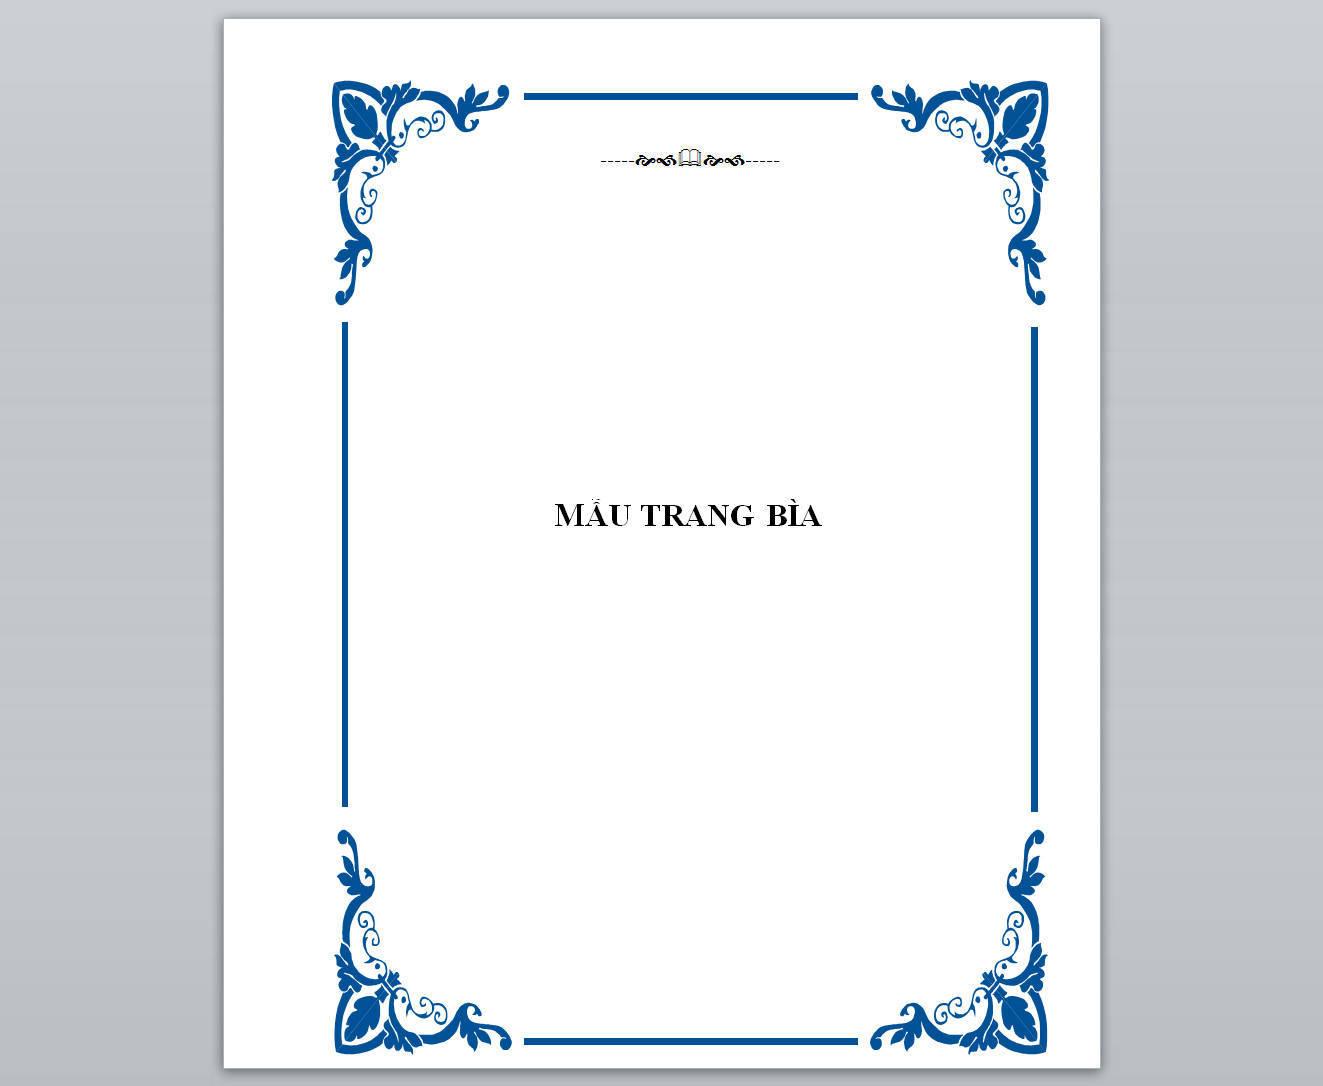 mẫu trang bìa đẹp trong word